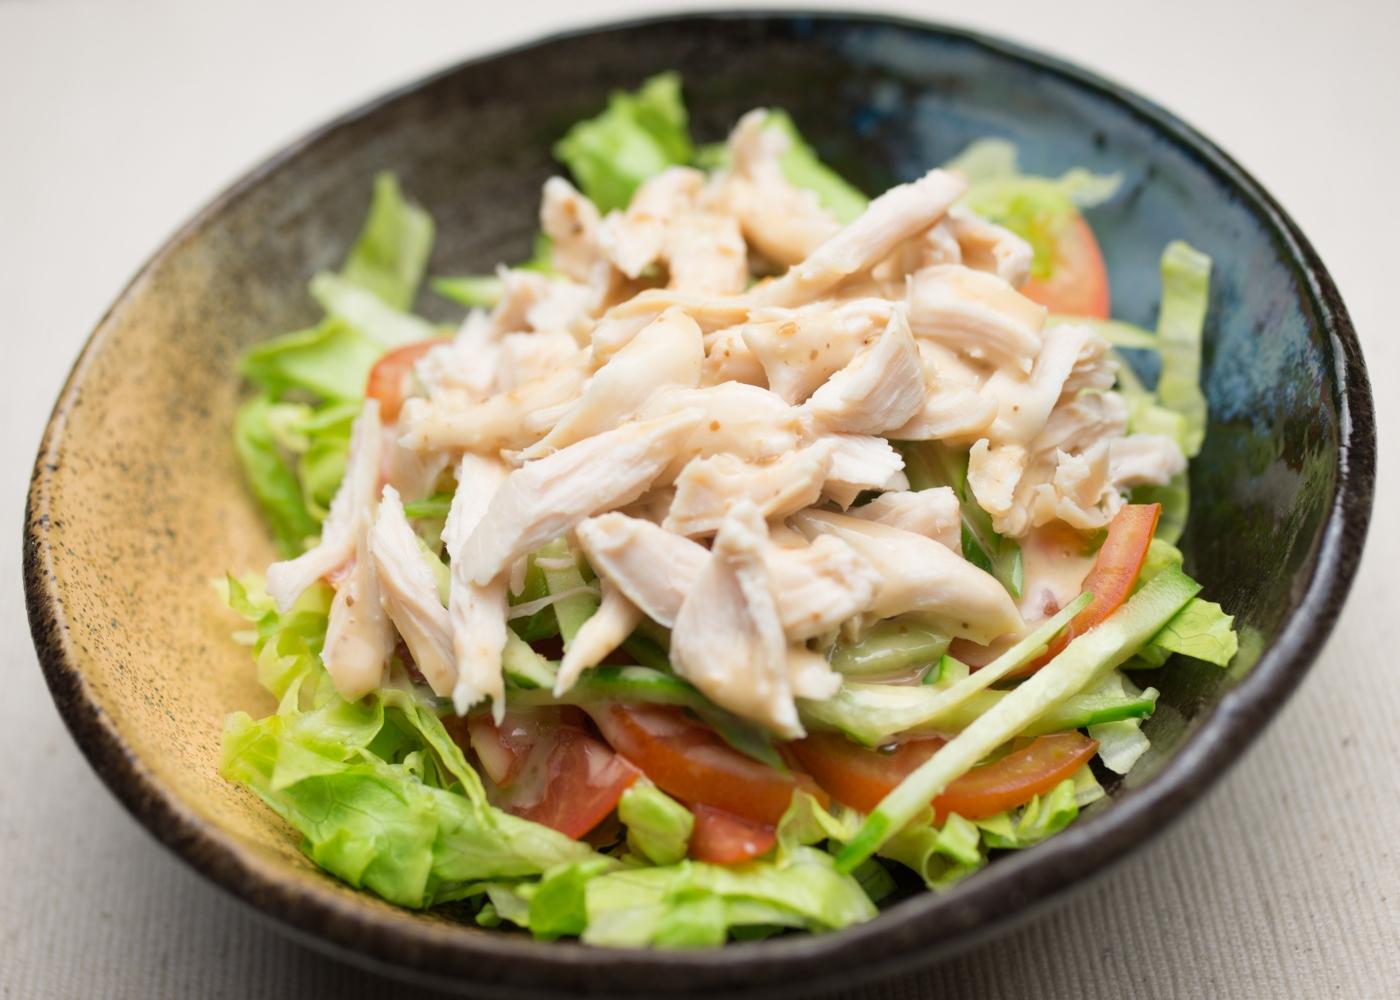 salada com alface, tomate e frango desfiado